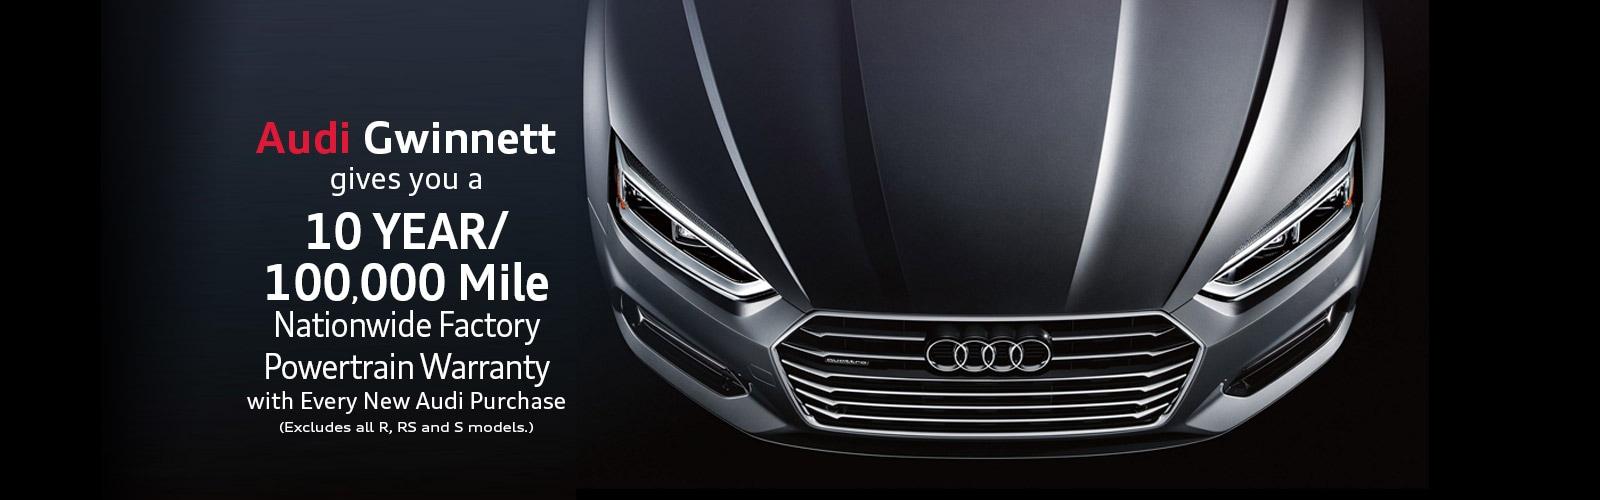 New Audi Used Car Dealership At Audi Gwinnett - Audi gwinett